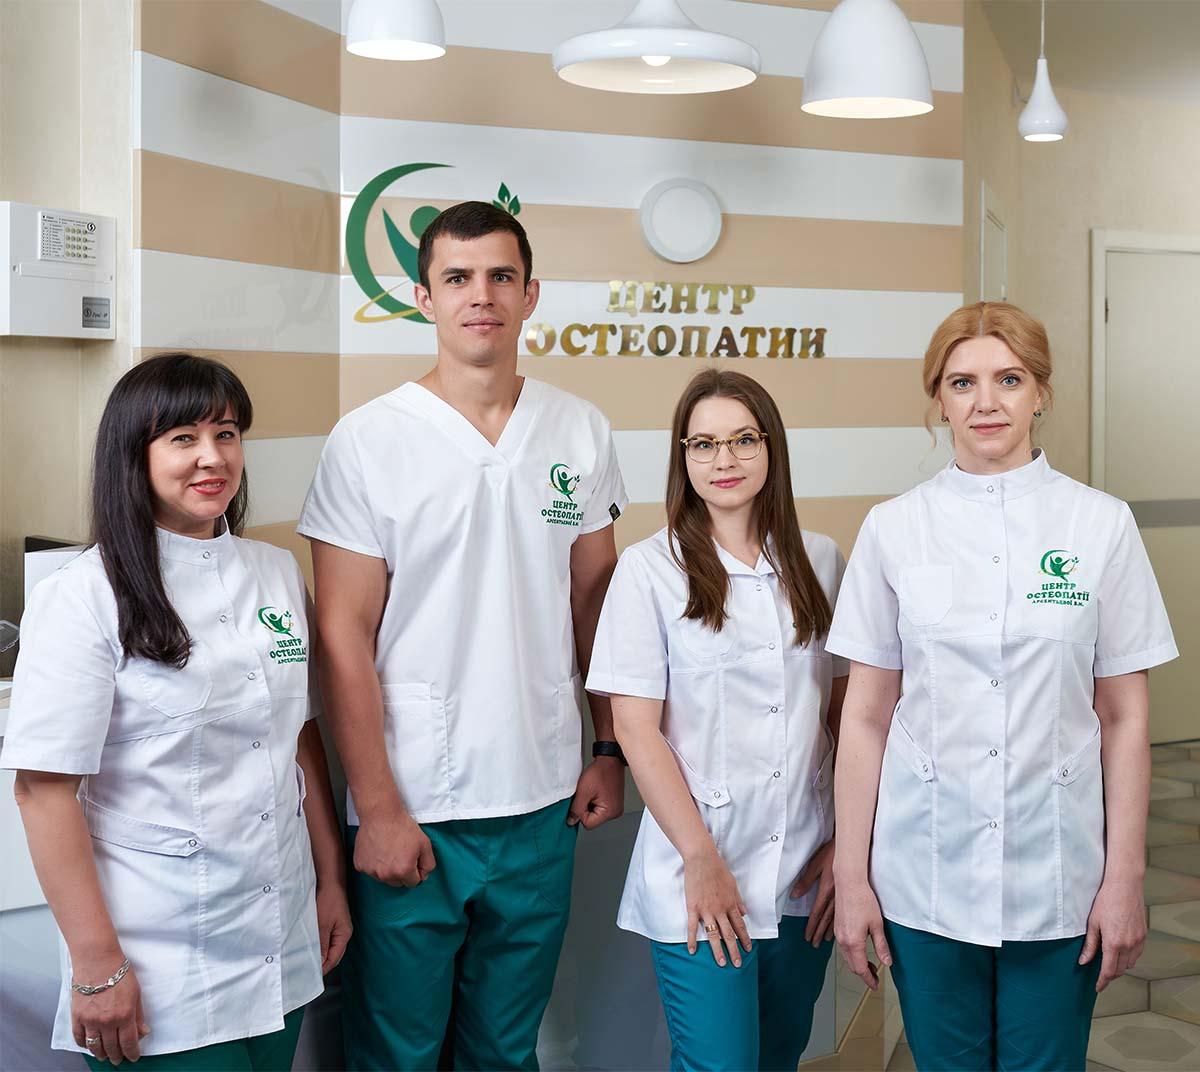 команда центра остеопатии арсентьевой фото